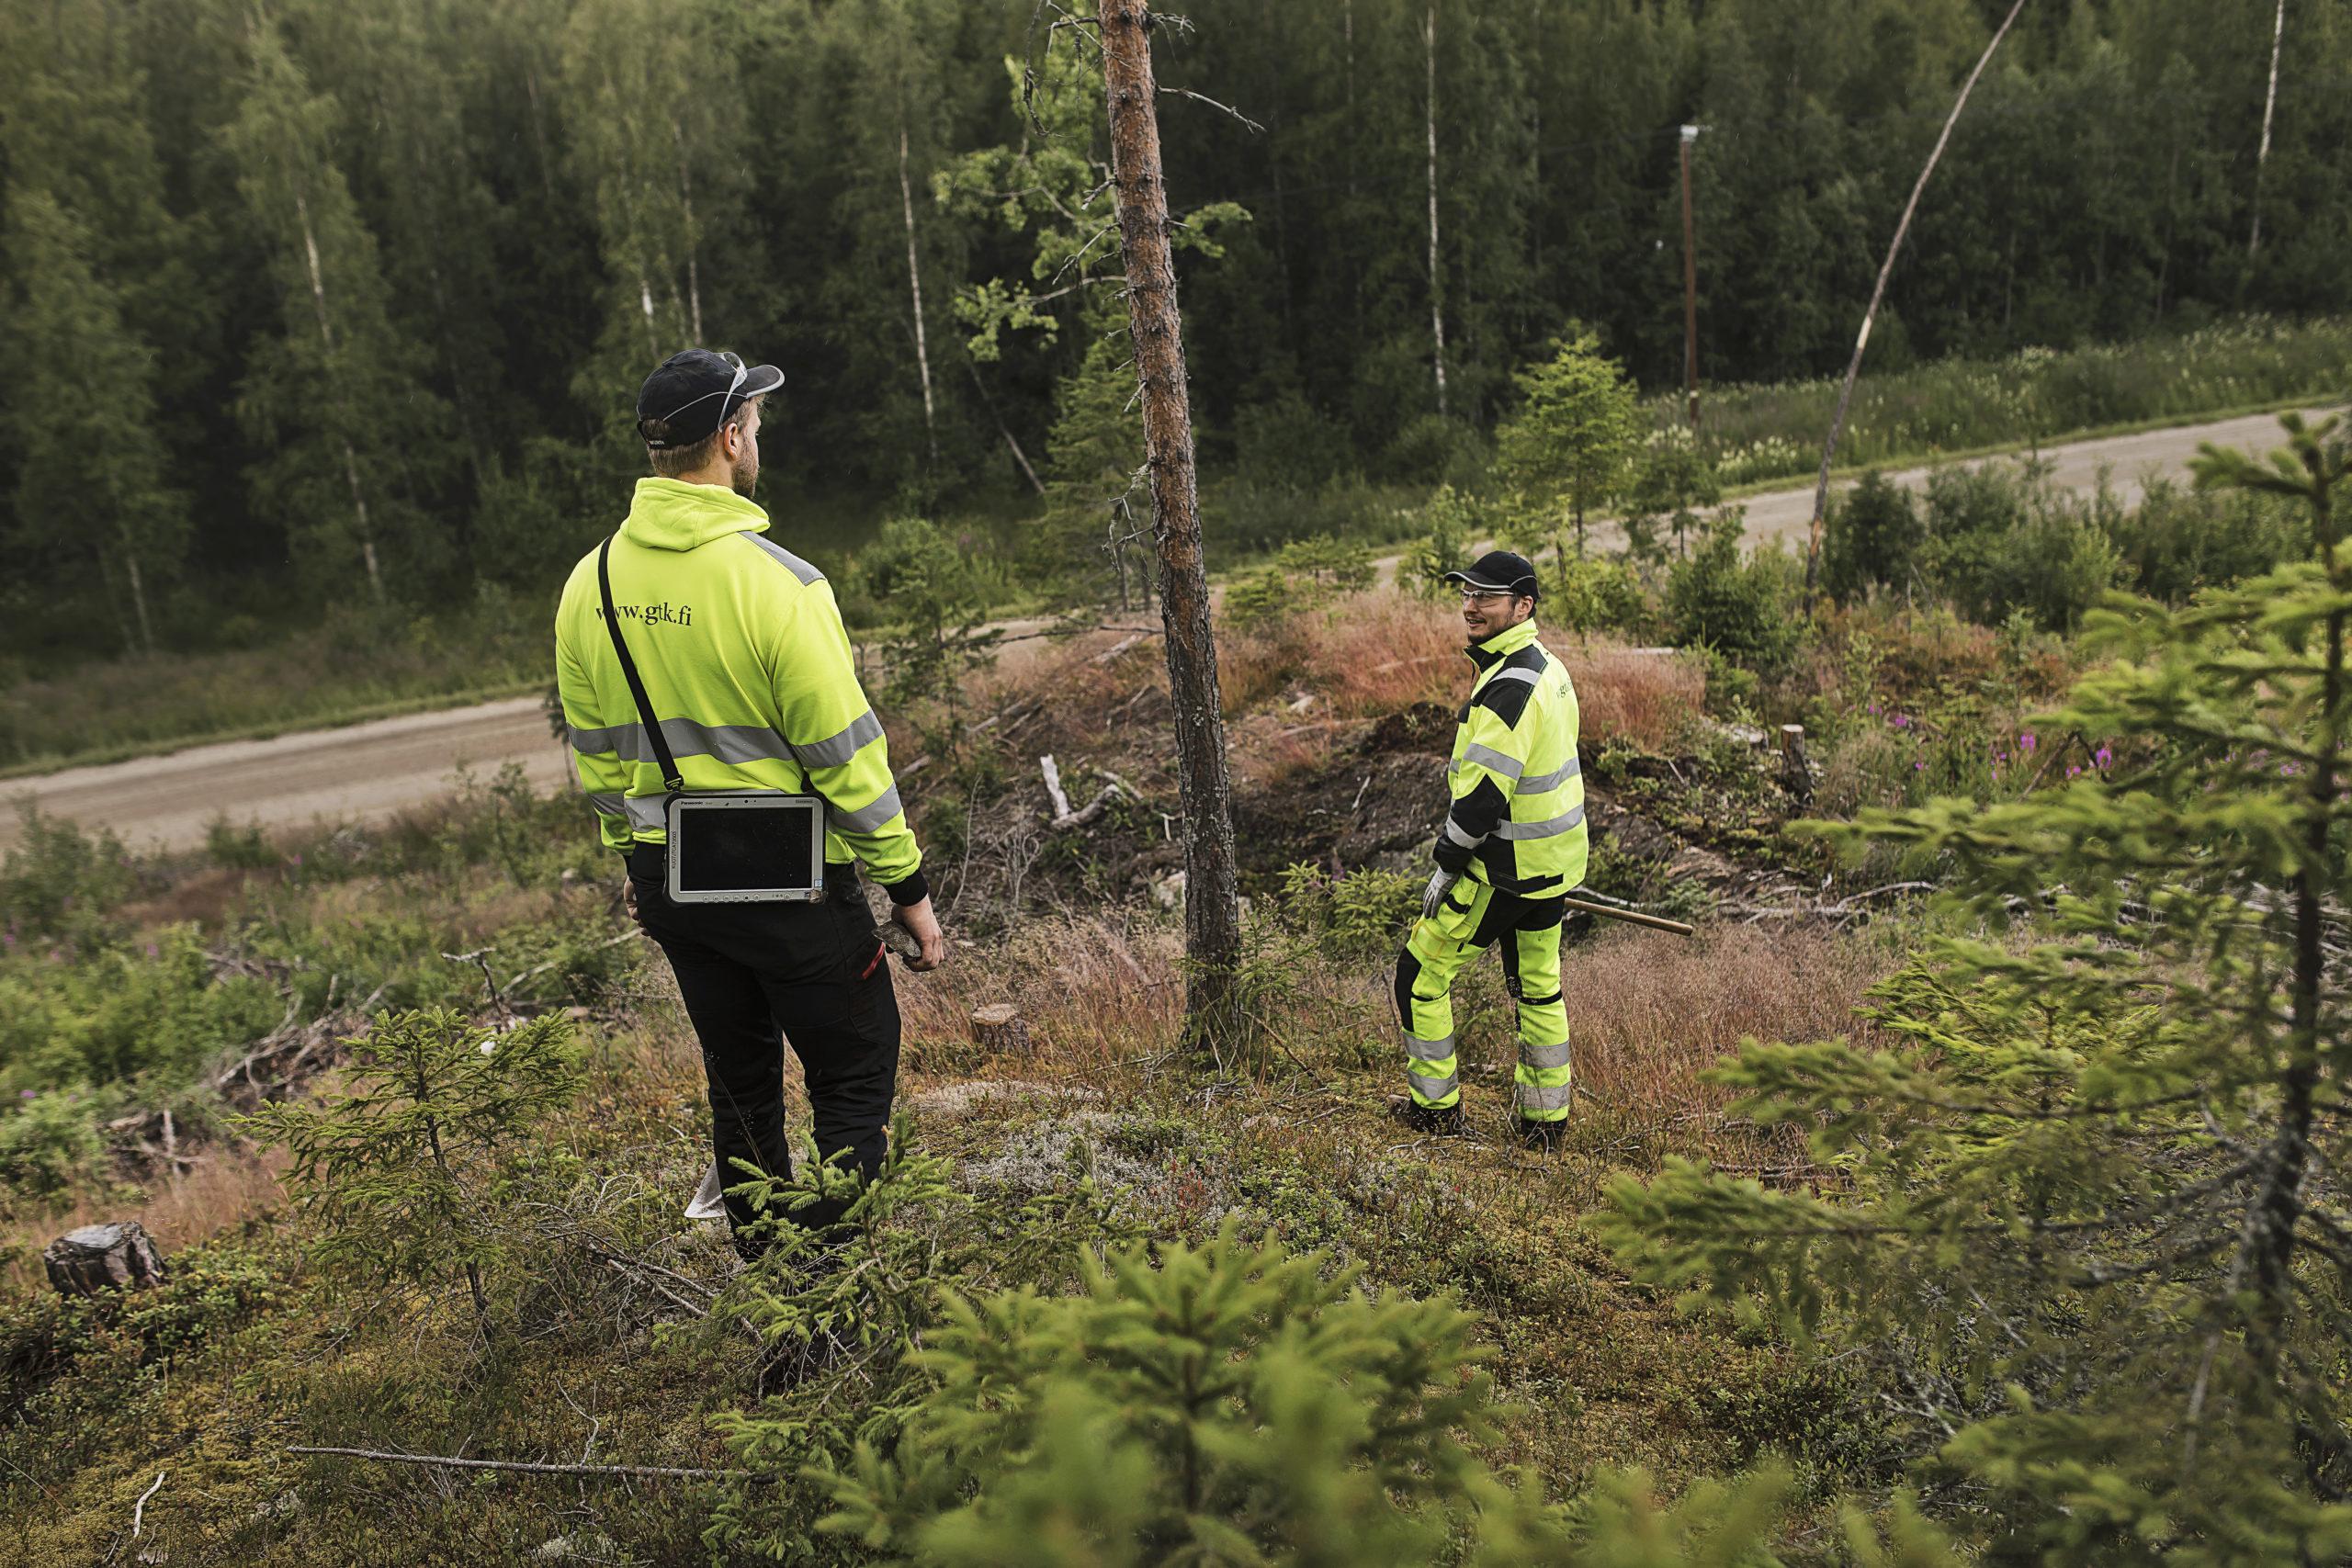 GTK:n geologit kartoittamassa kallioperää Leppävirralla kesällä 2019.